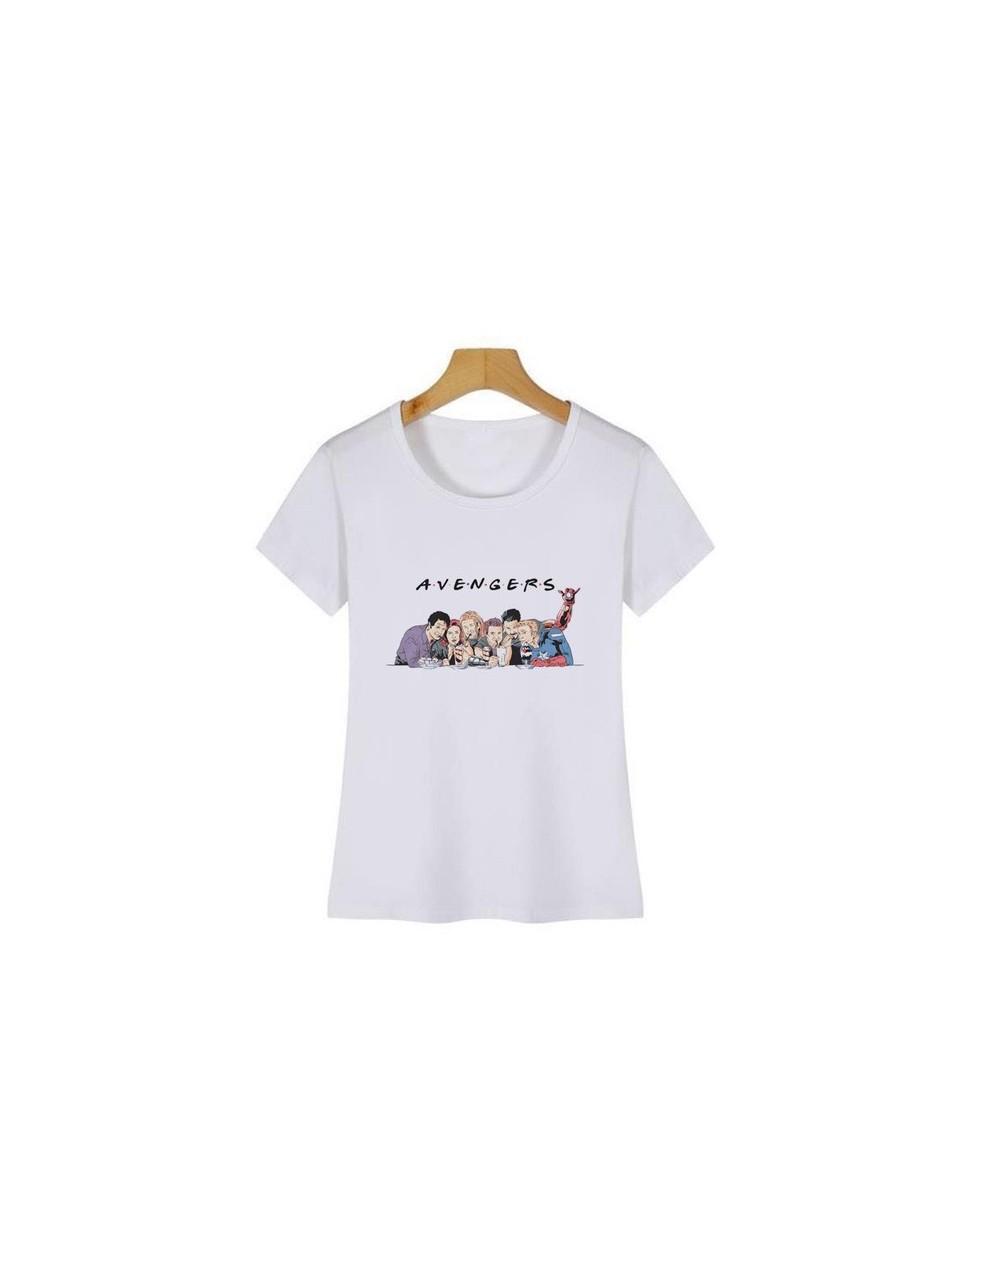 Avengers Endgame T Shirt Women Marvel T-Shirt Women Spiderman Iron Man Captain America Tshirt Tops Camiseta Mujer - 3 - 4D41...